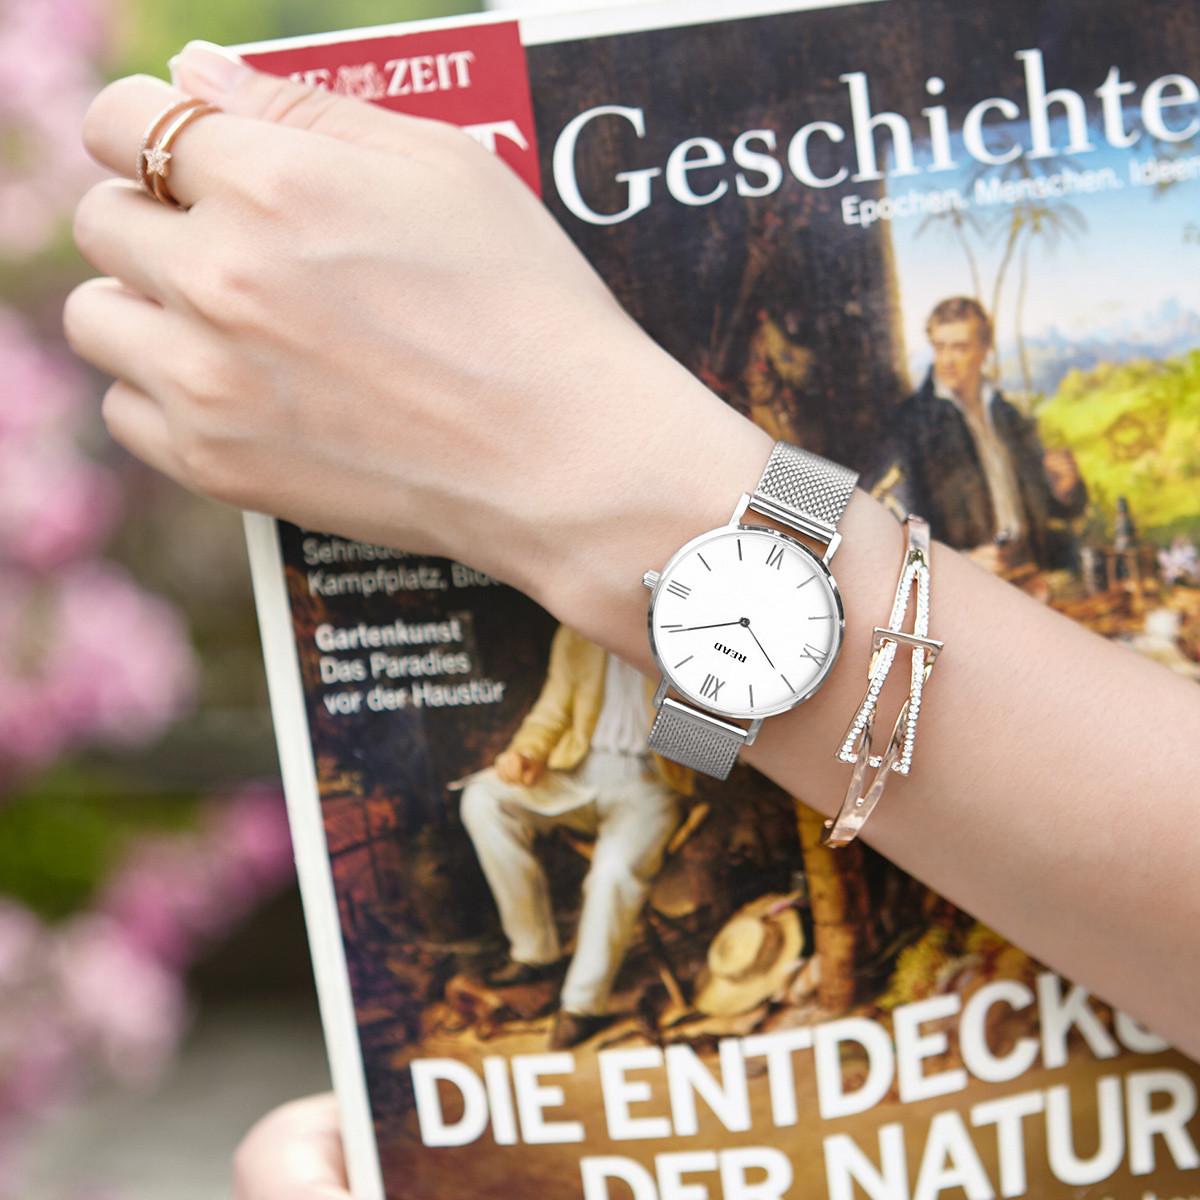 锐力锐力女士手表 简约两针进口机芯超薄不锈钢网带防水石英女表R6005L111L